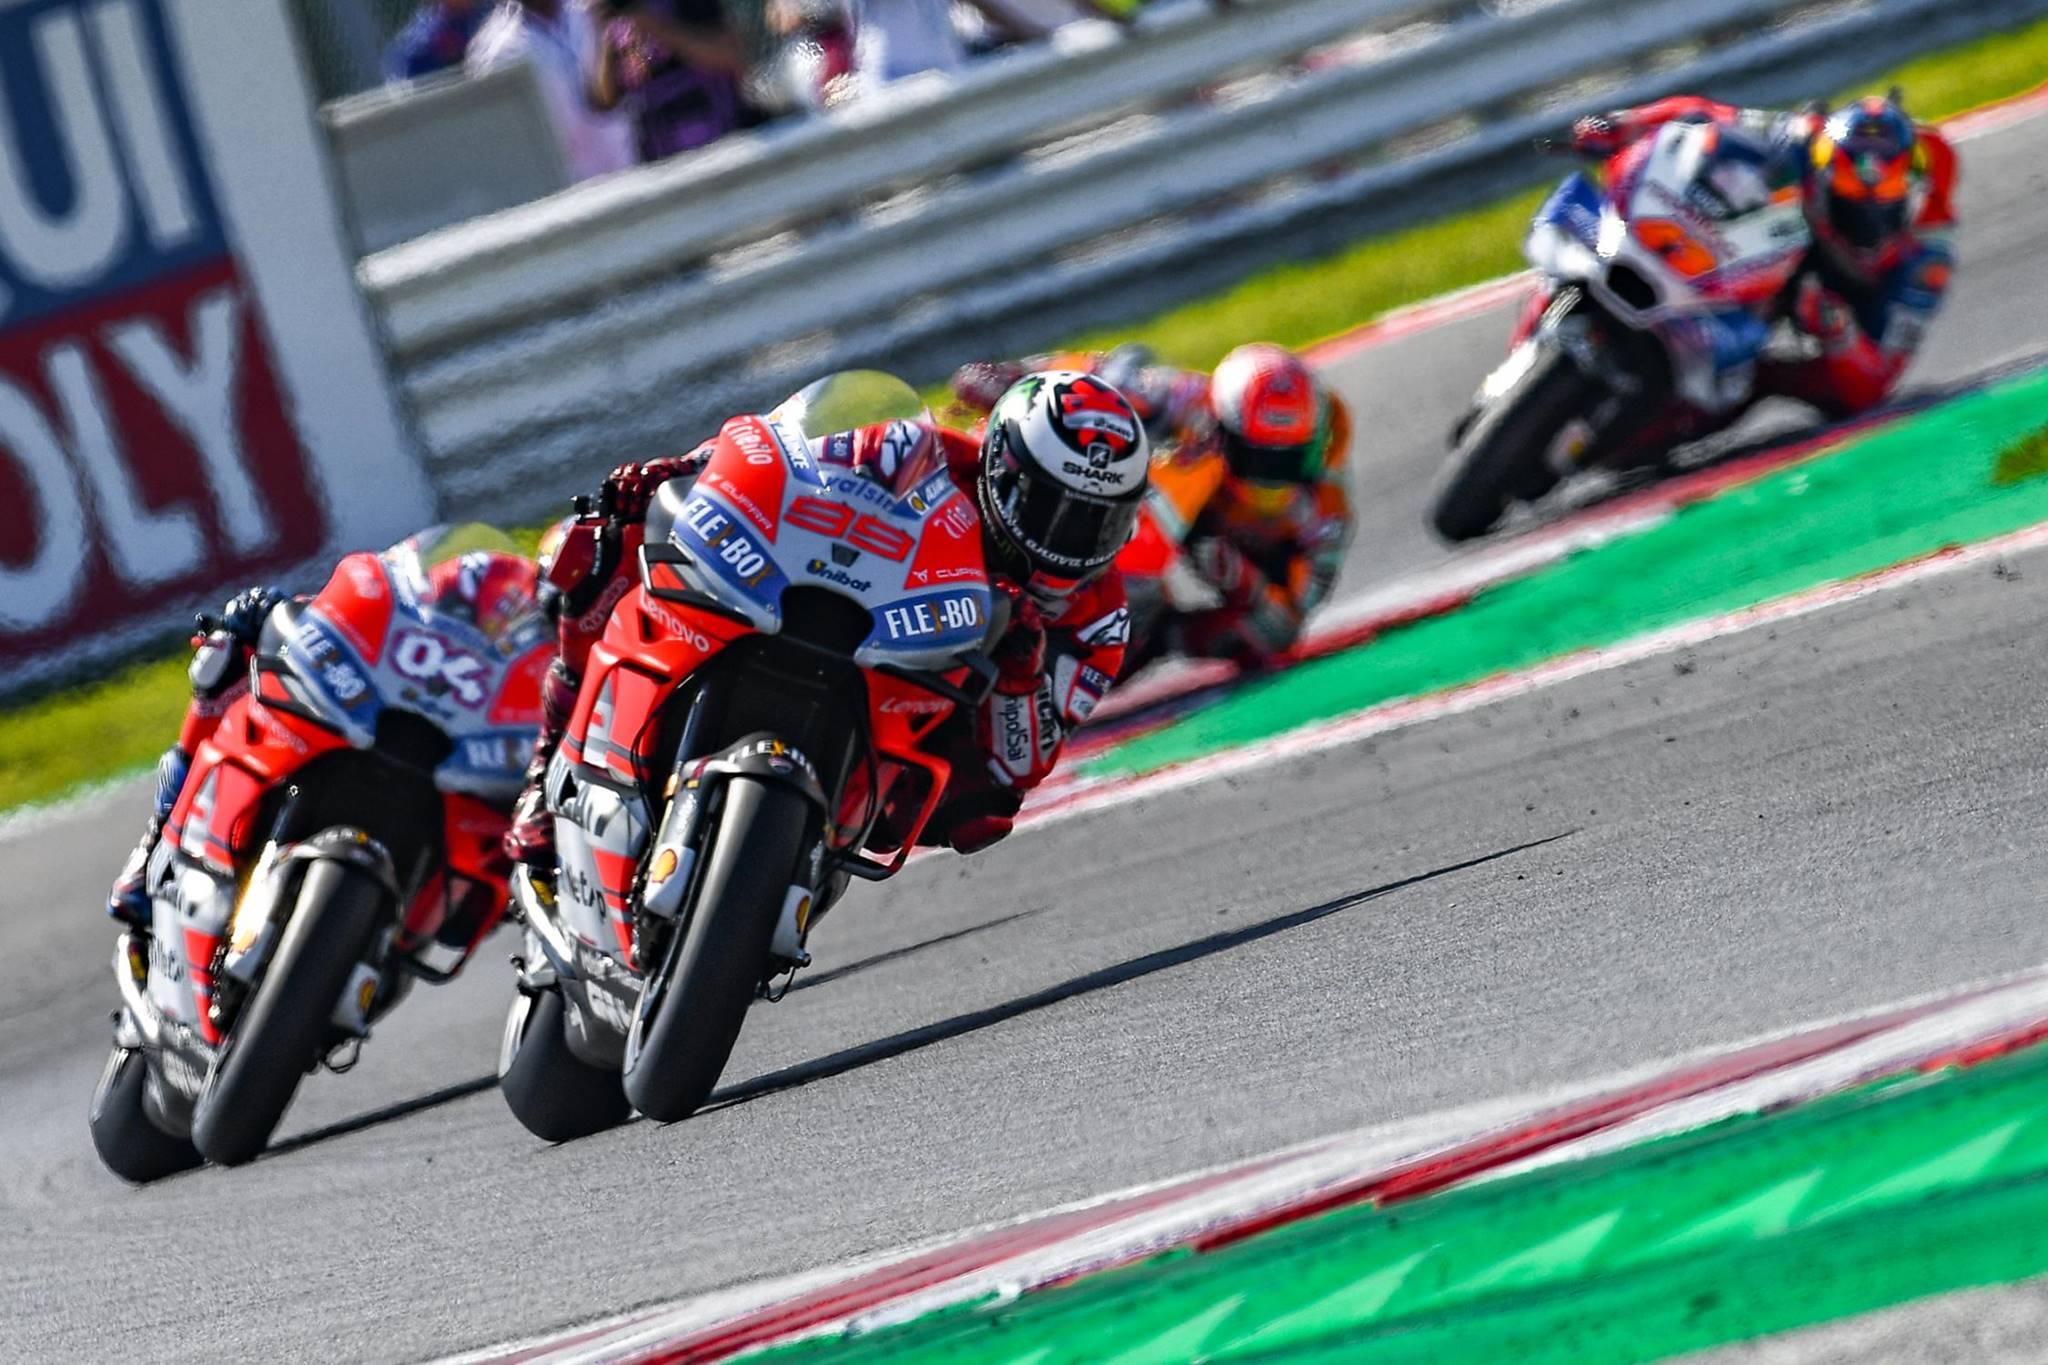 MotoGP-2018_Italian_Misano_2018_Xe_Tinhte_015.jpg